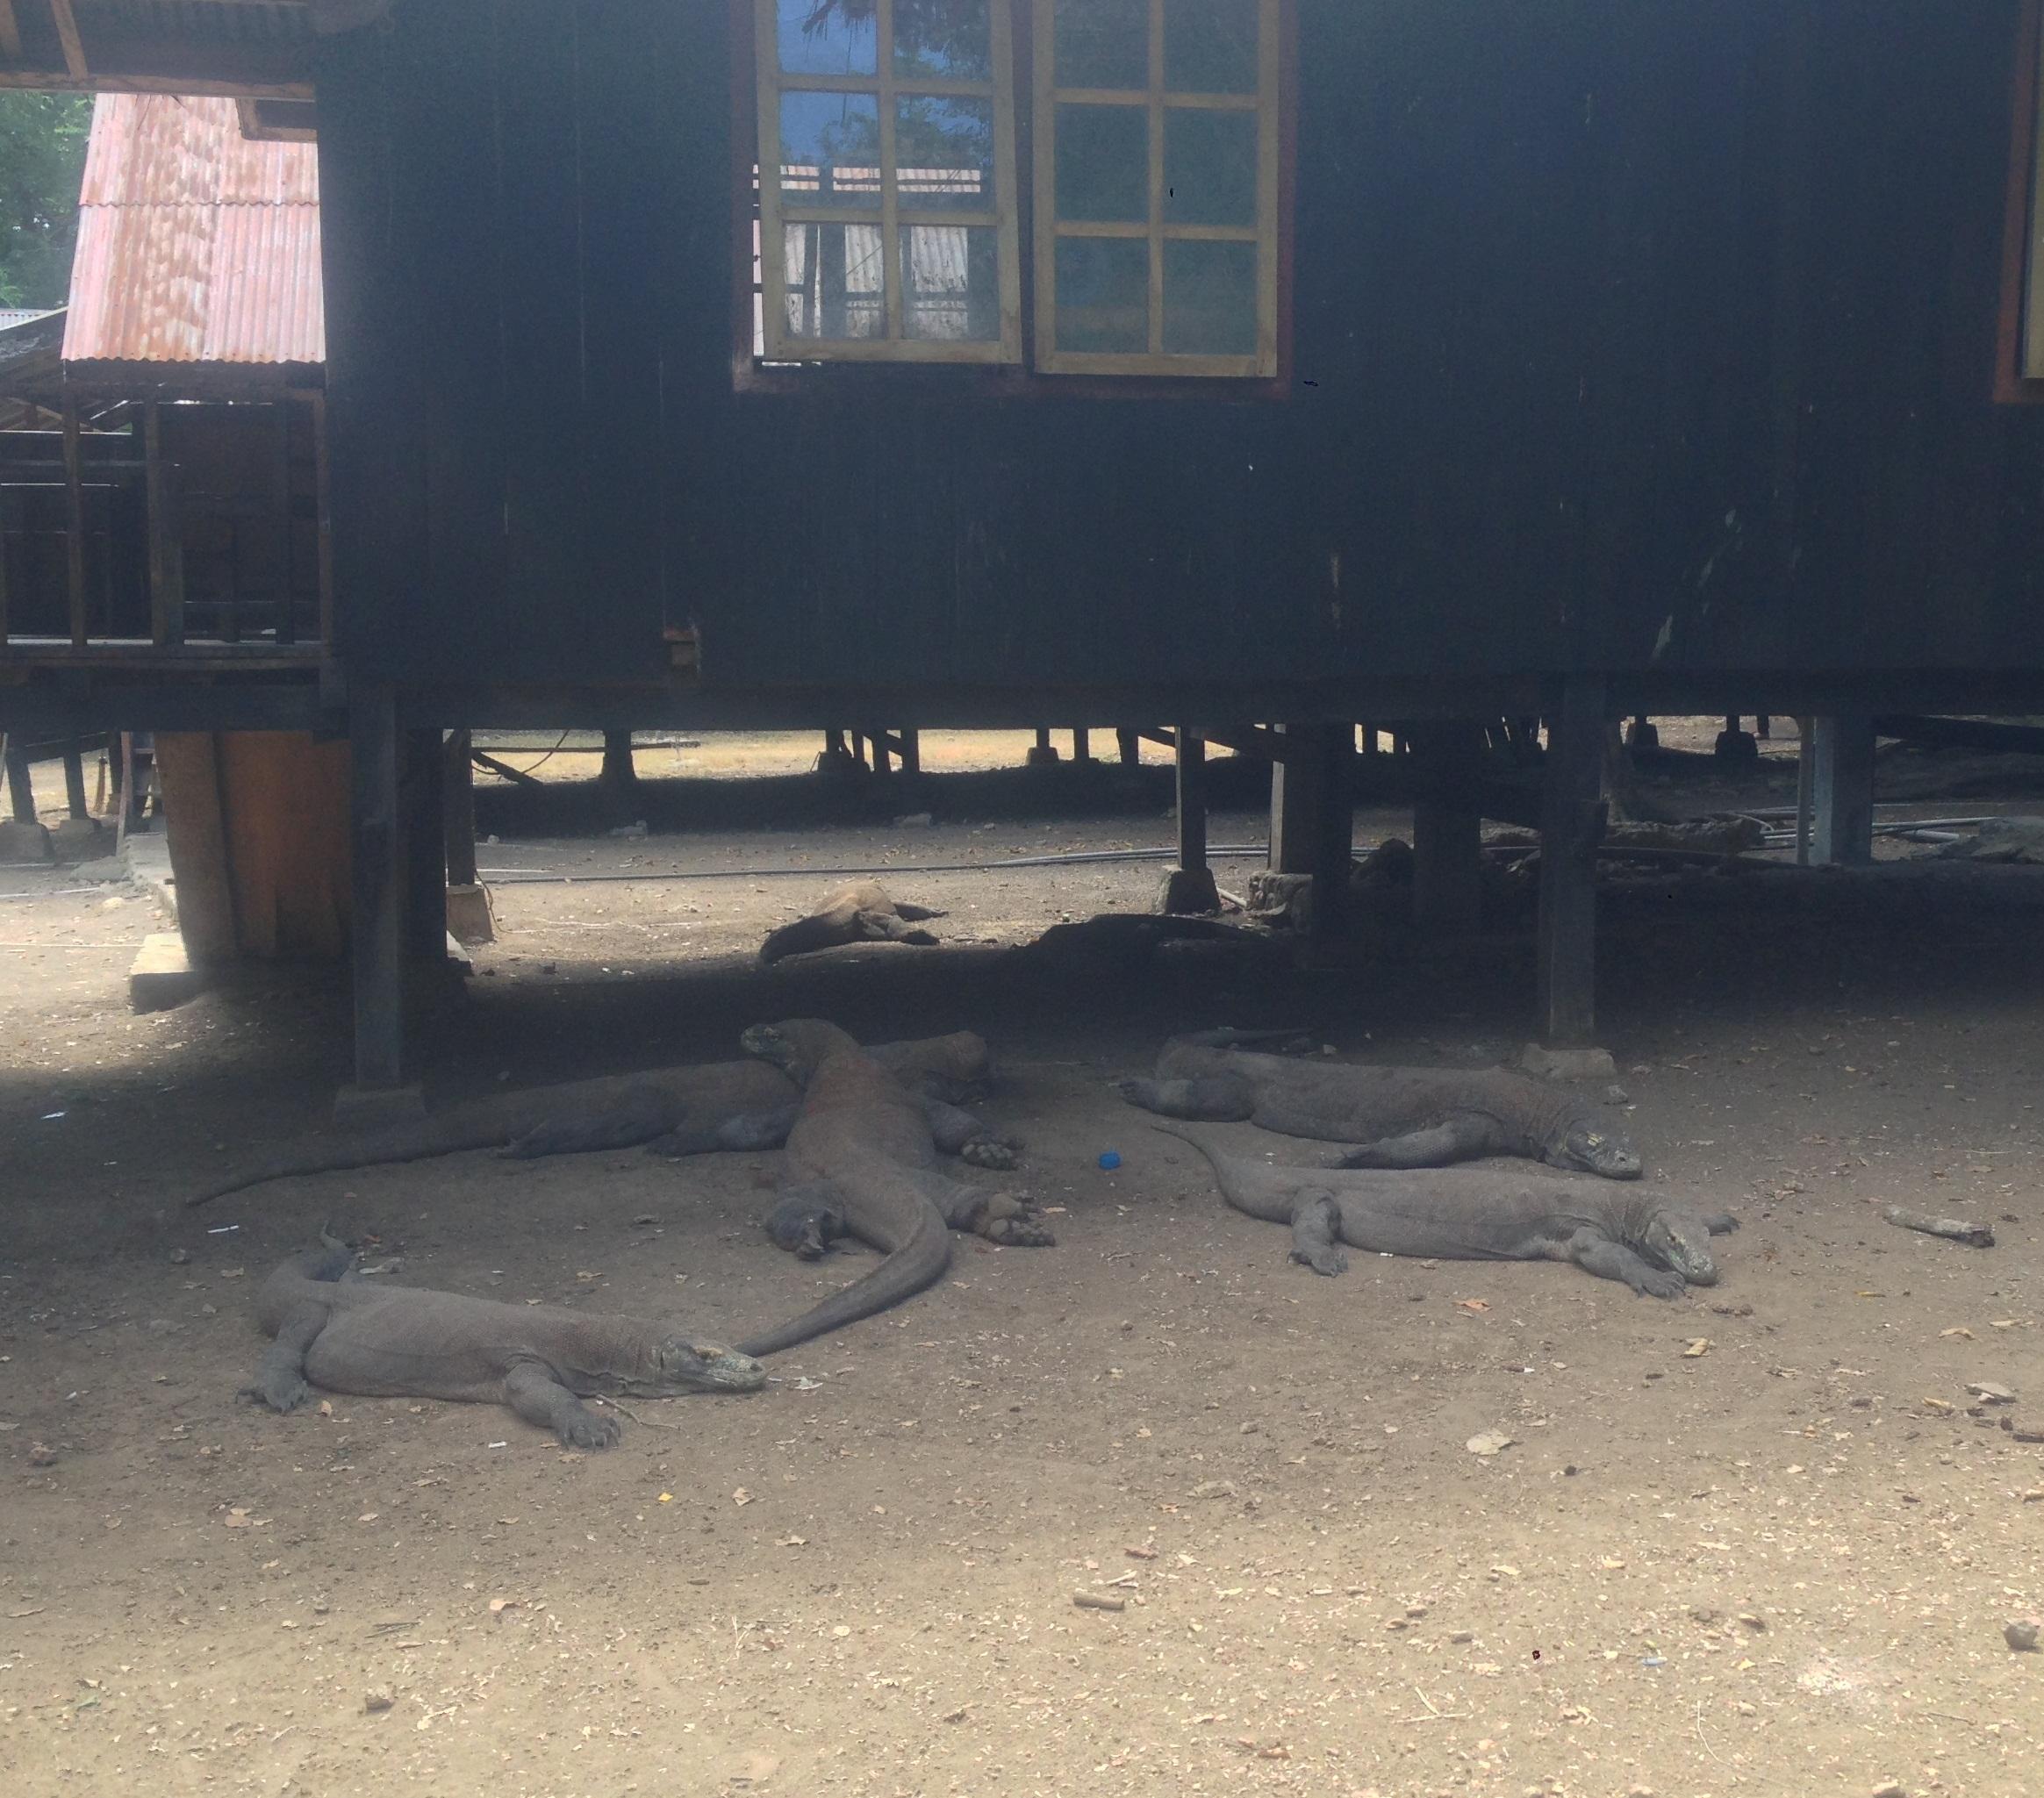 Kumpulan Komodo yang sedang bermalas - malasan (Dokumentasi Pribadi)